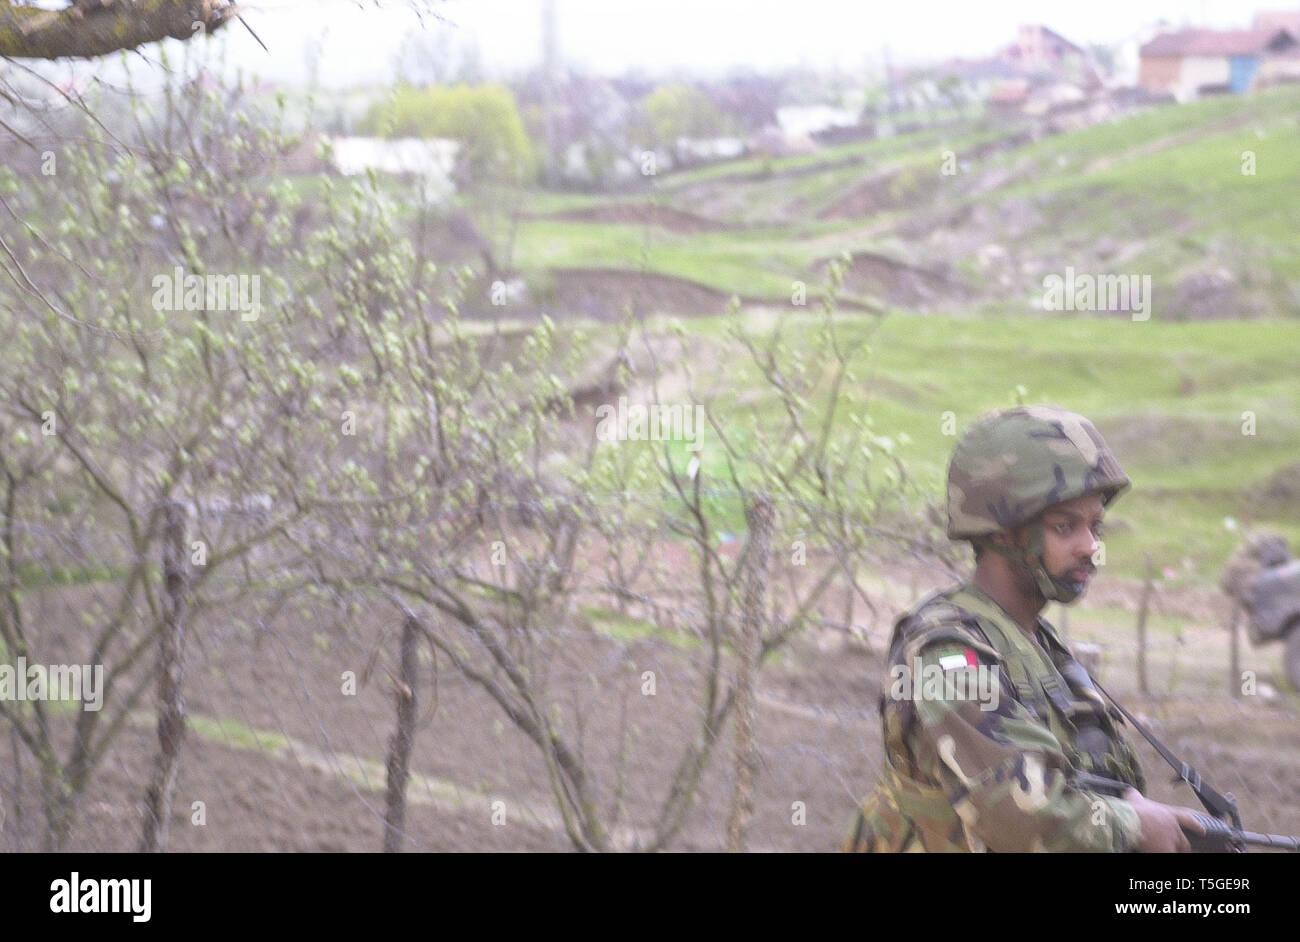 Kosovo Forces Stock Photos & Kosovo Forces Stock Images - Alamy